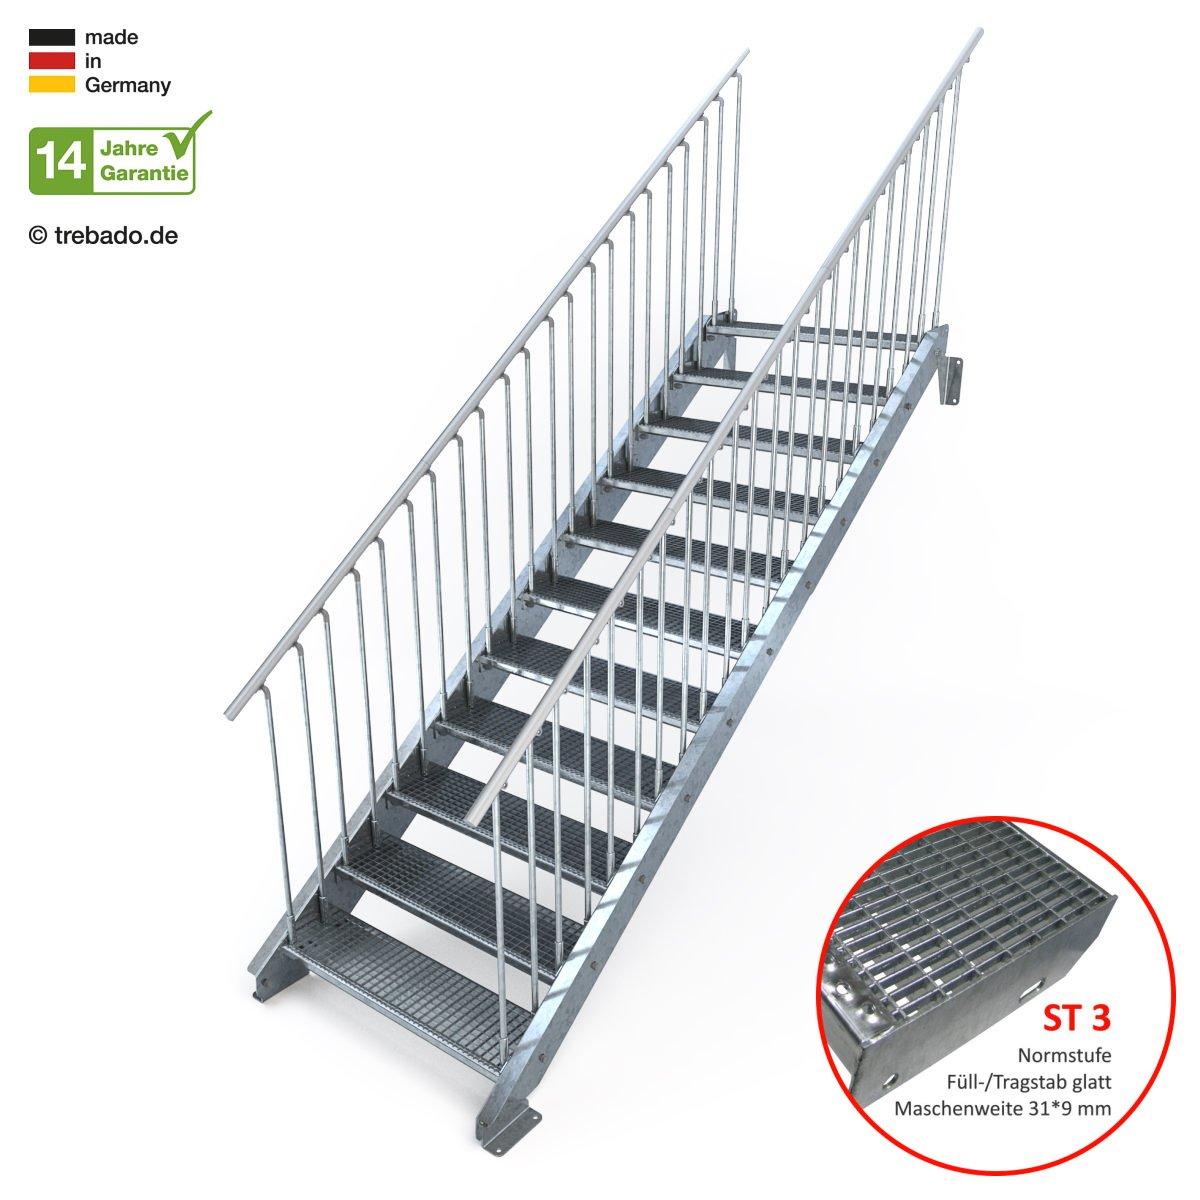 Gitterroststufe ST2 feuerverzinkte Stahltreppe mit 1000 mm Stufenl/änge als montagefertiger Bausatz Anstellh/öhe variabel von 183 cm bis 220 cm Au/ßentreppe 11 Stufen 100 cm Laufbreite beidseitiges Gel/änder